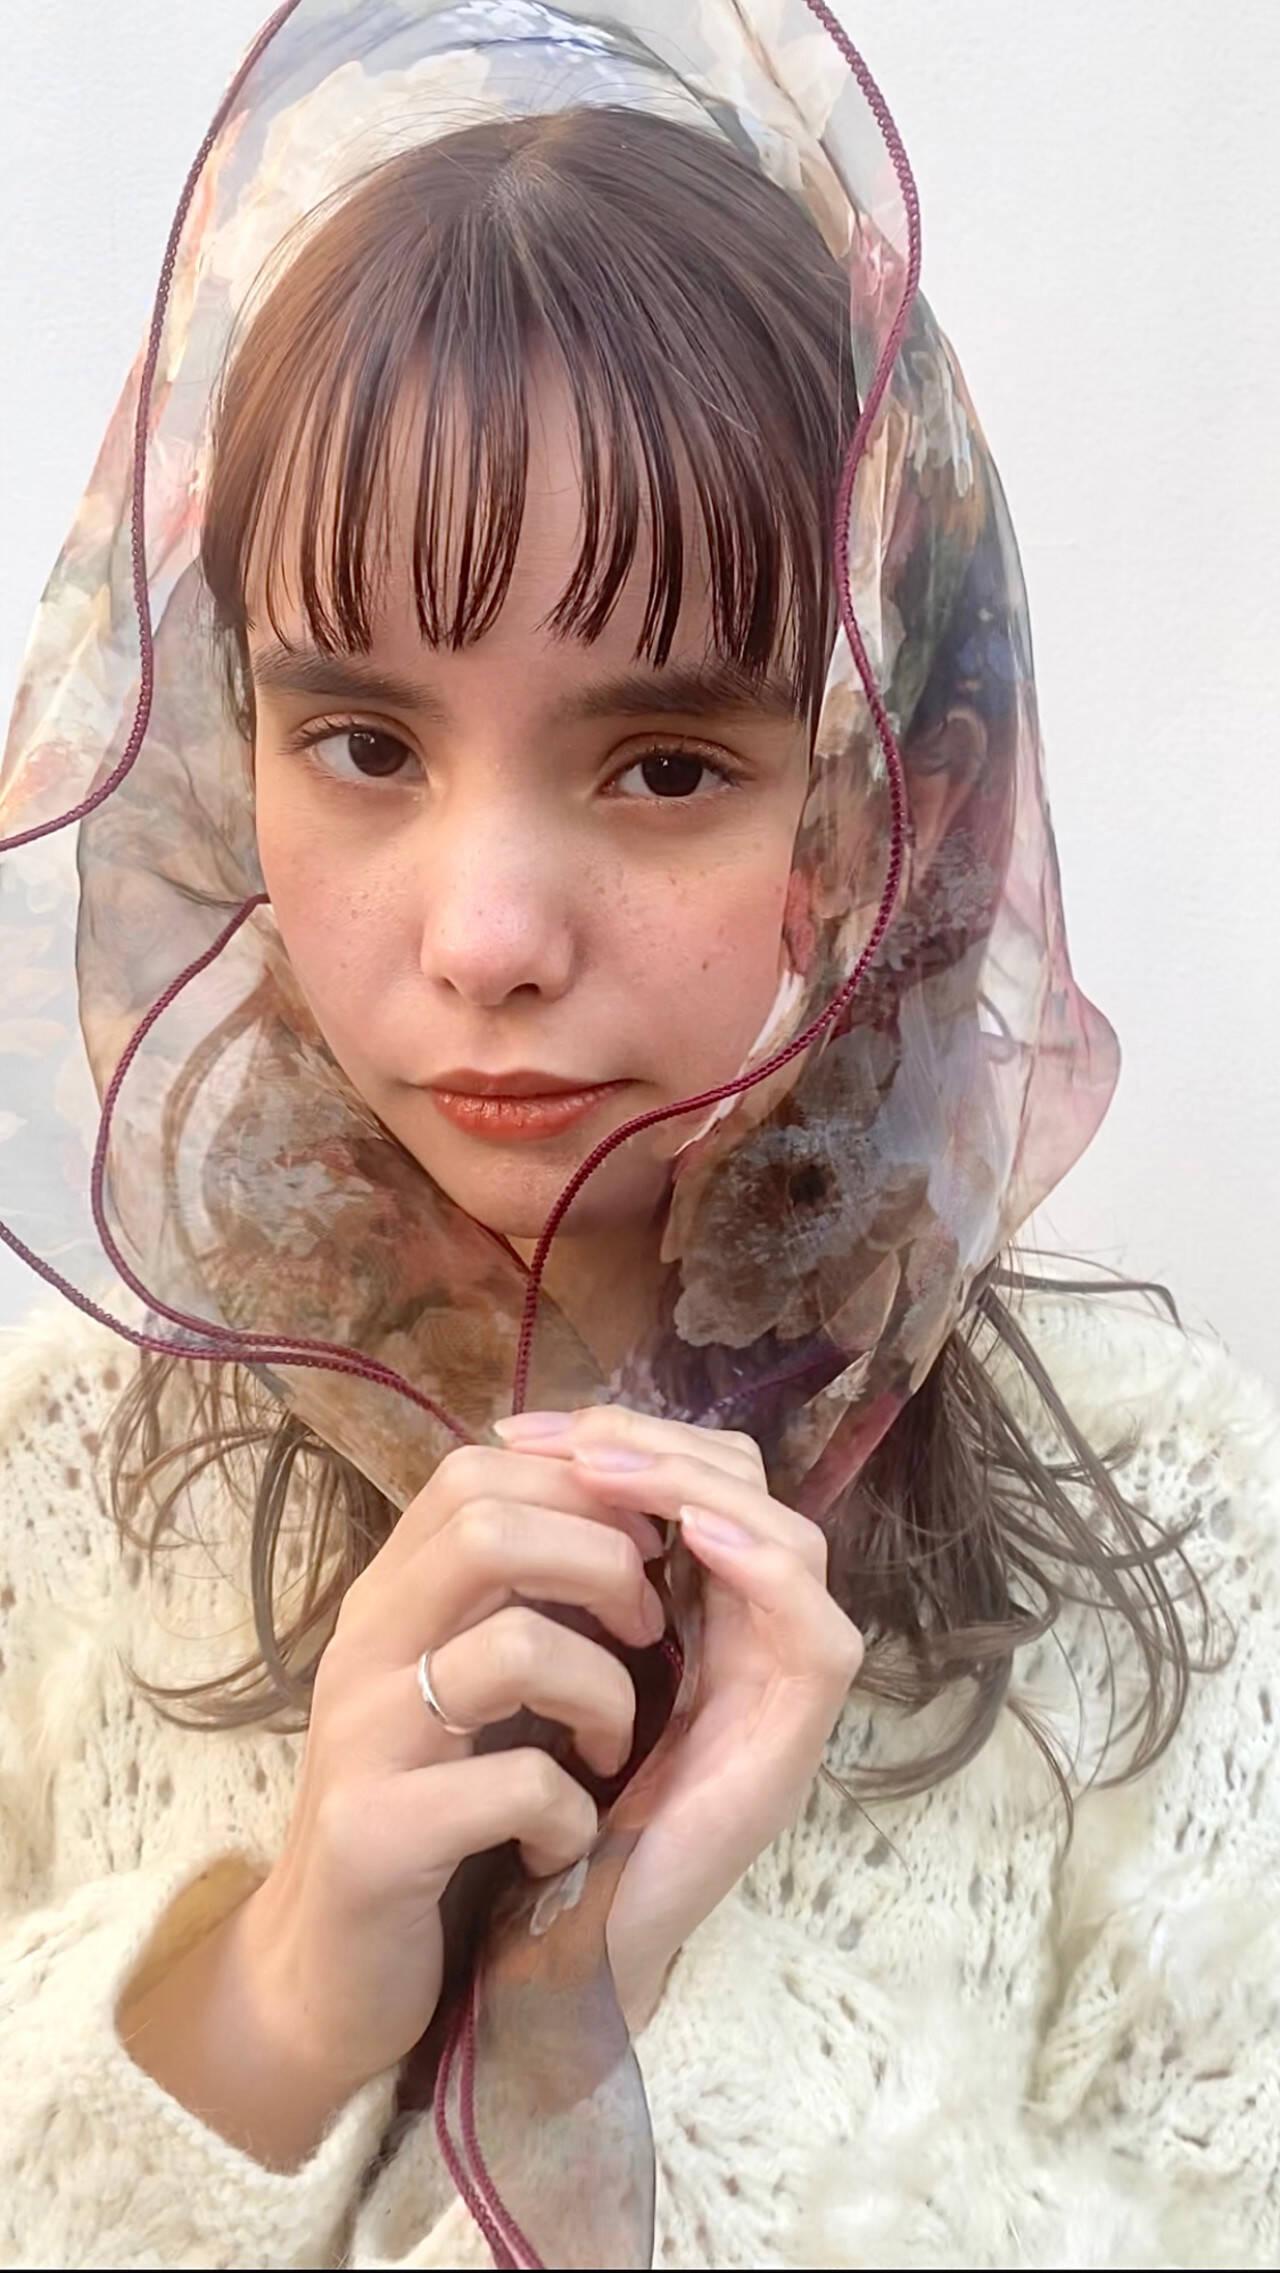 鎖骨ミディアム ミディアム ぱっつん ワイドバングヘアスタイルや髪型の写真・画像